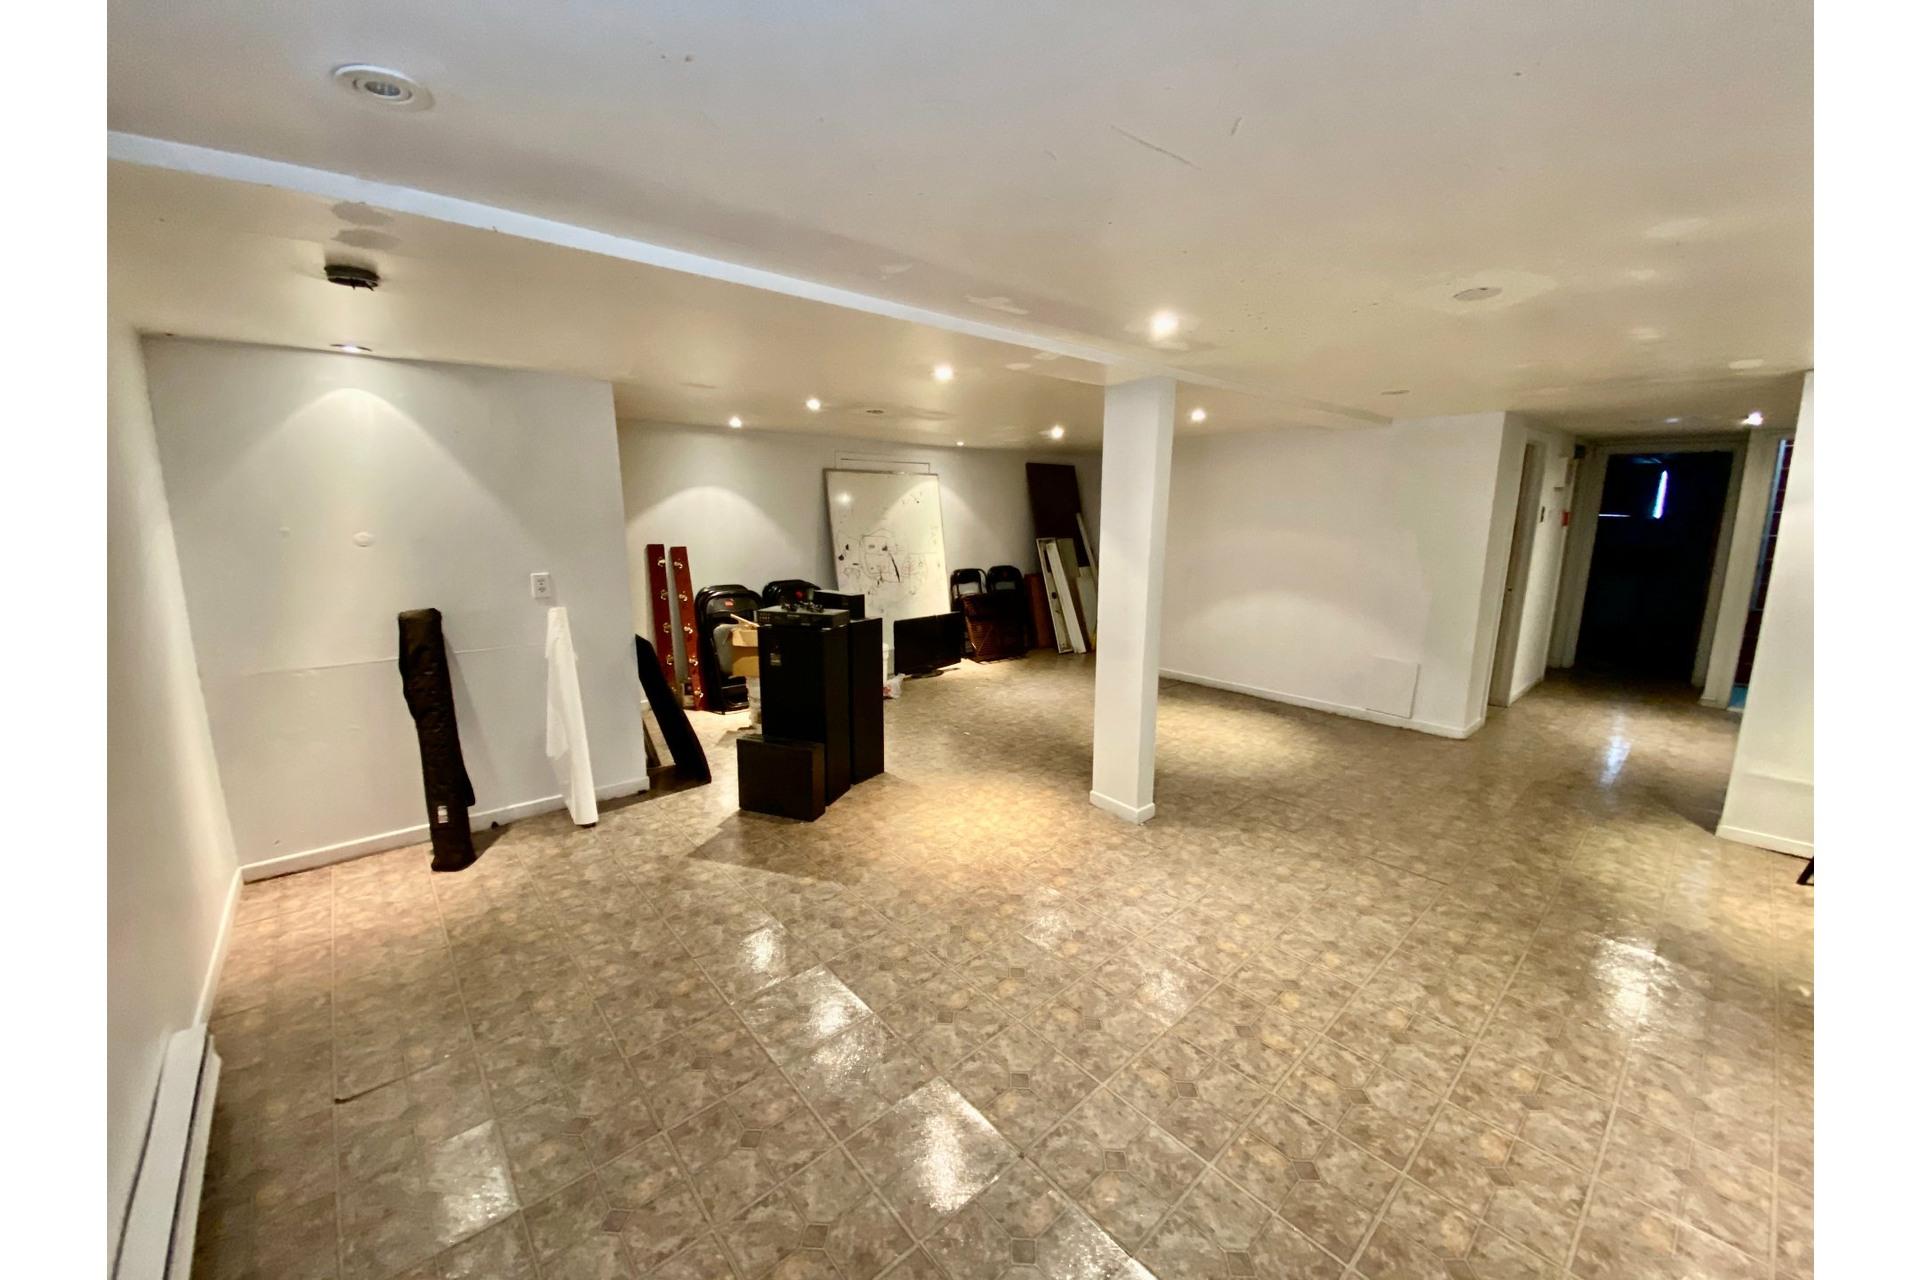 image 12 - Quadruplex En venta Lachine Montréal  - 5 habitaciones